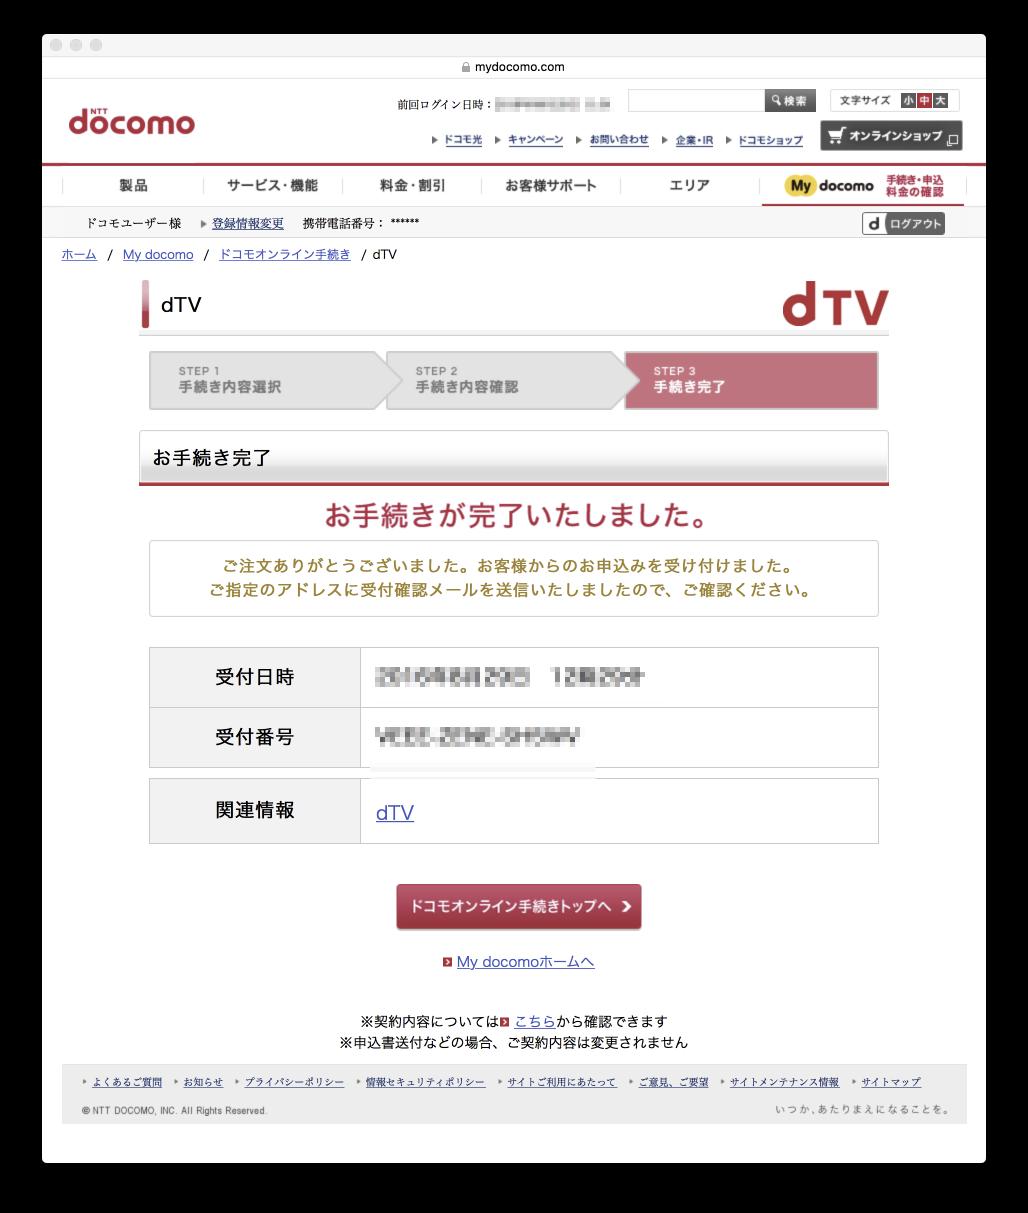 dTVの退会メニュー